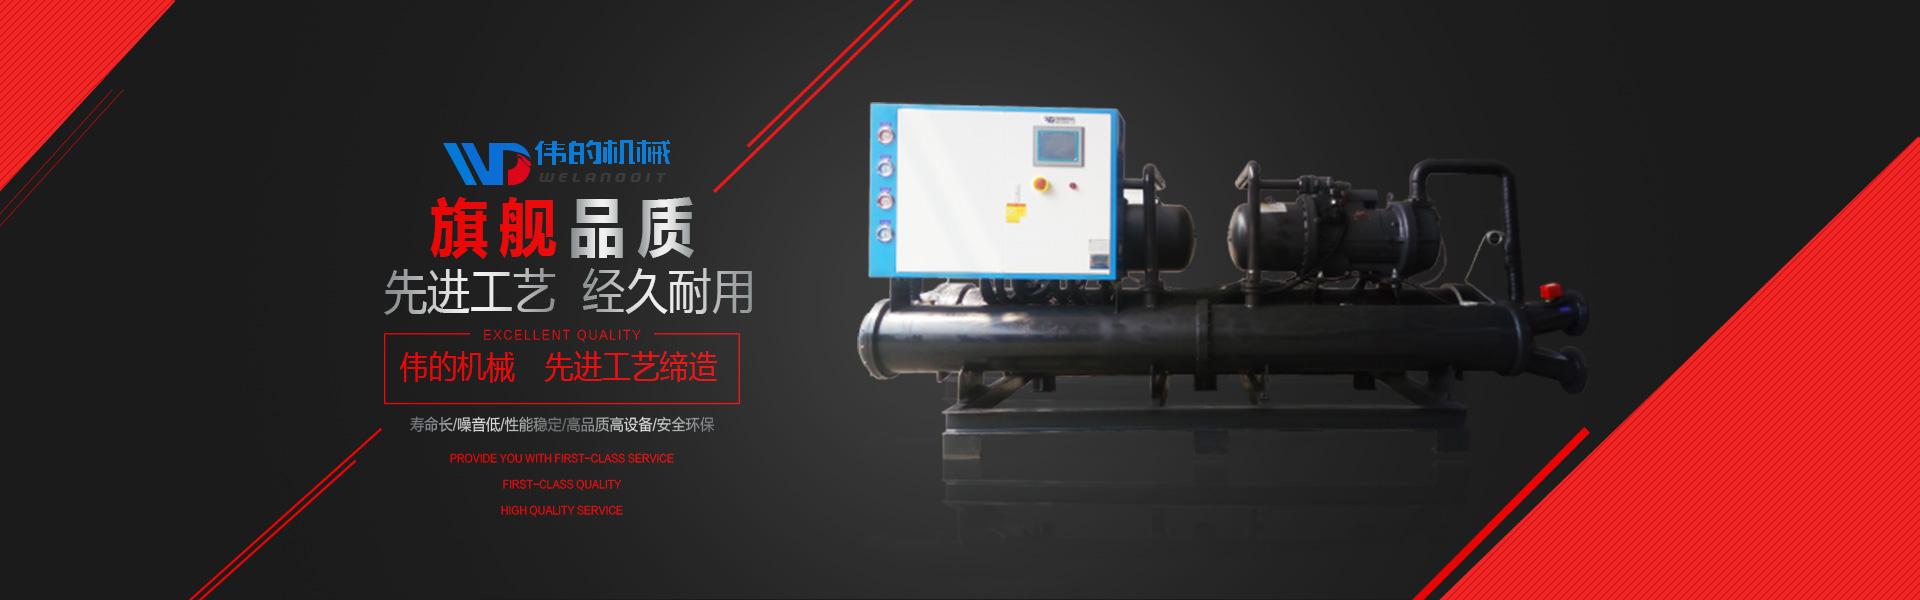 东莞市伟的塑胶机械有限公司